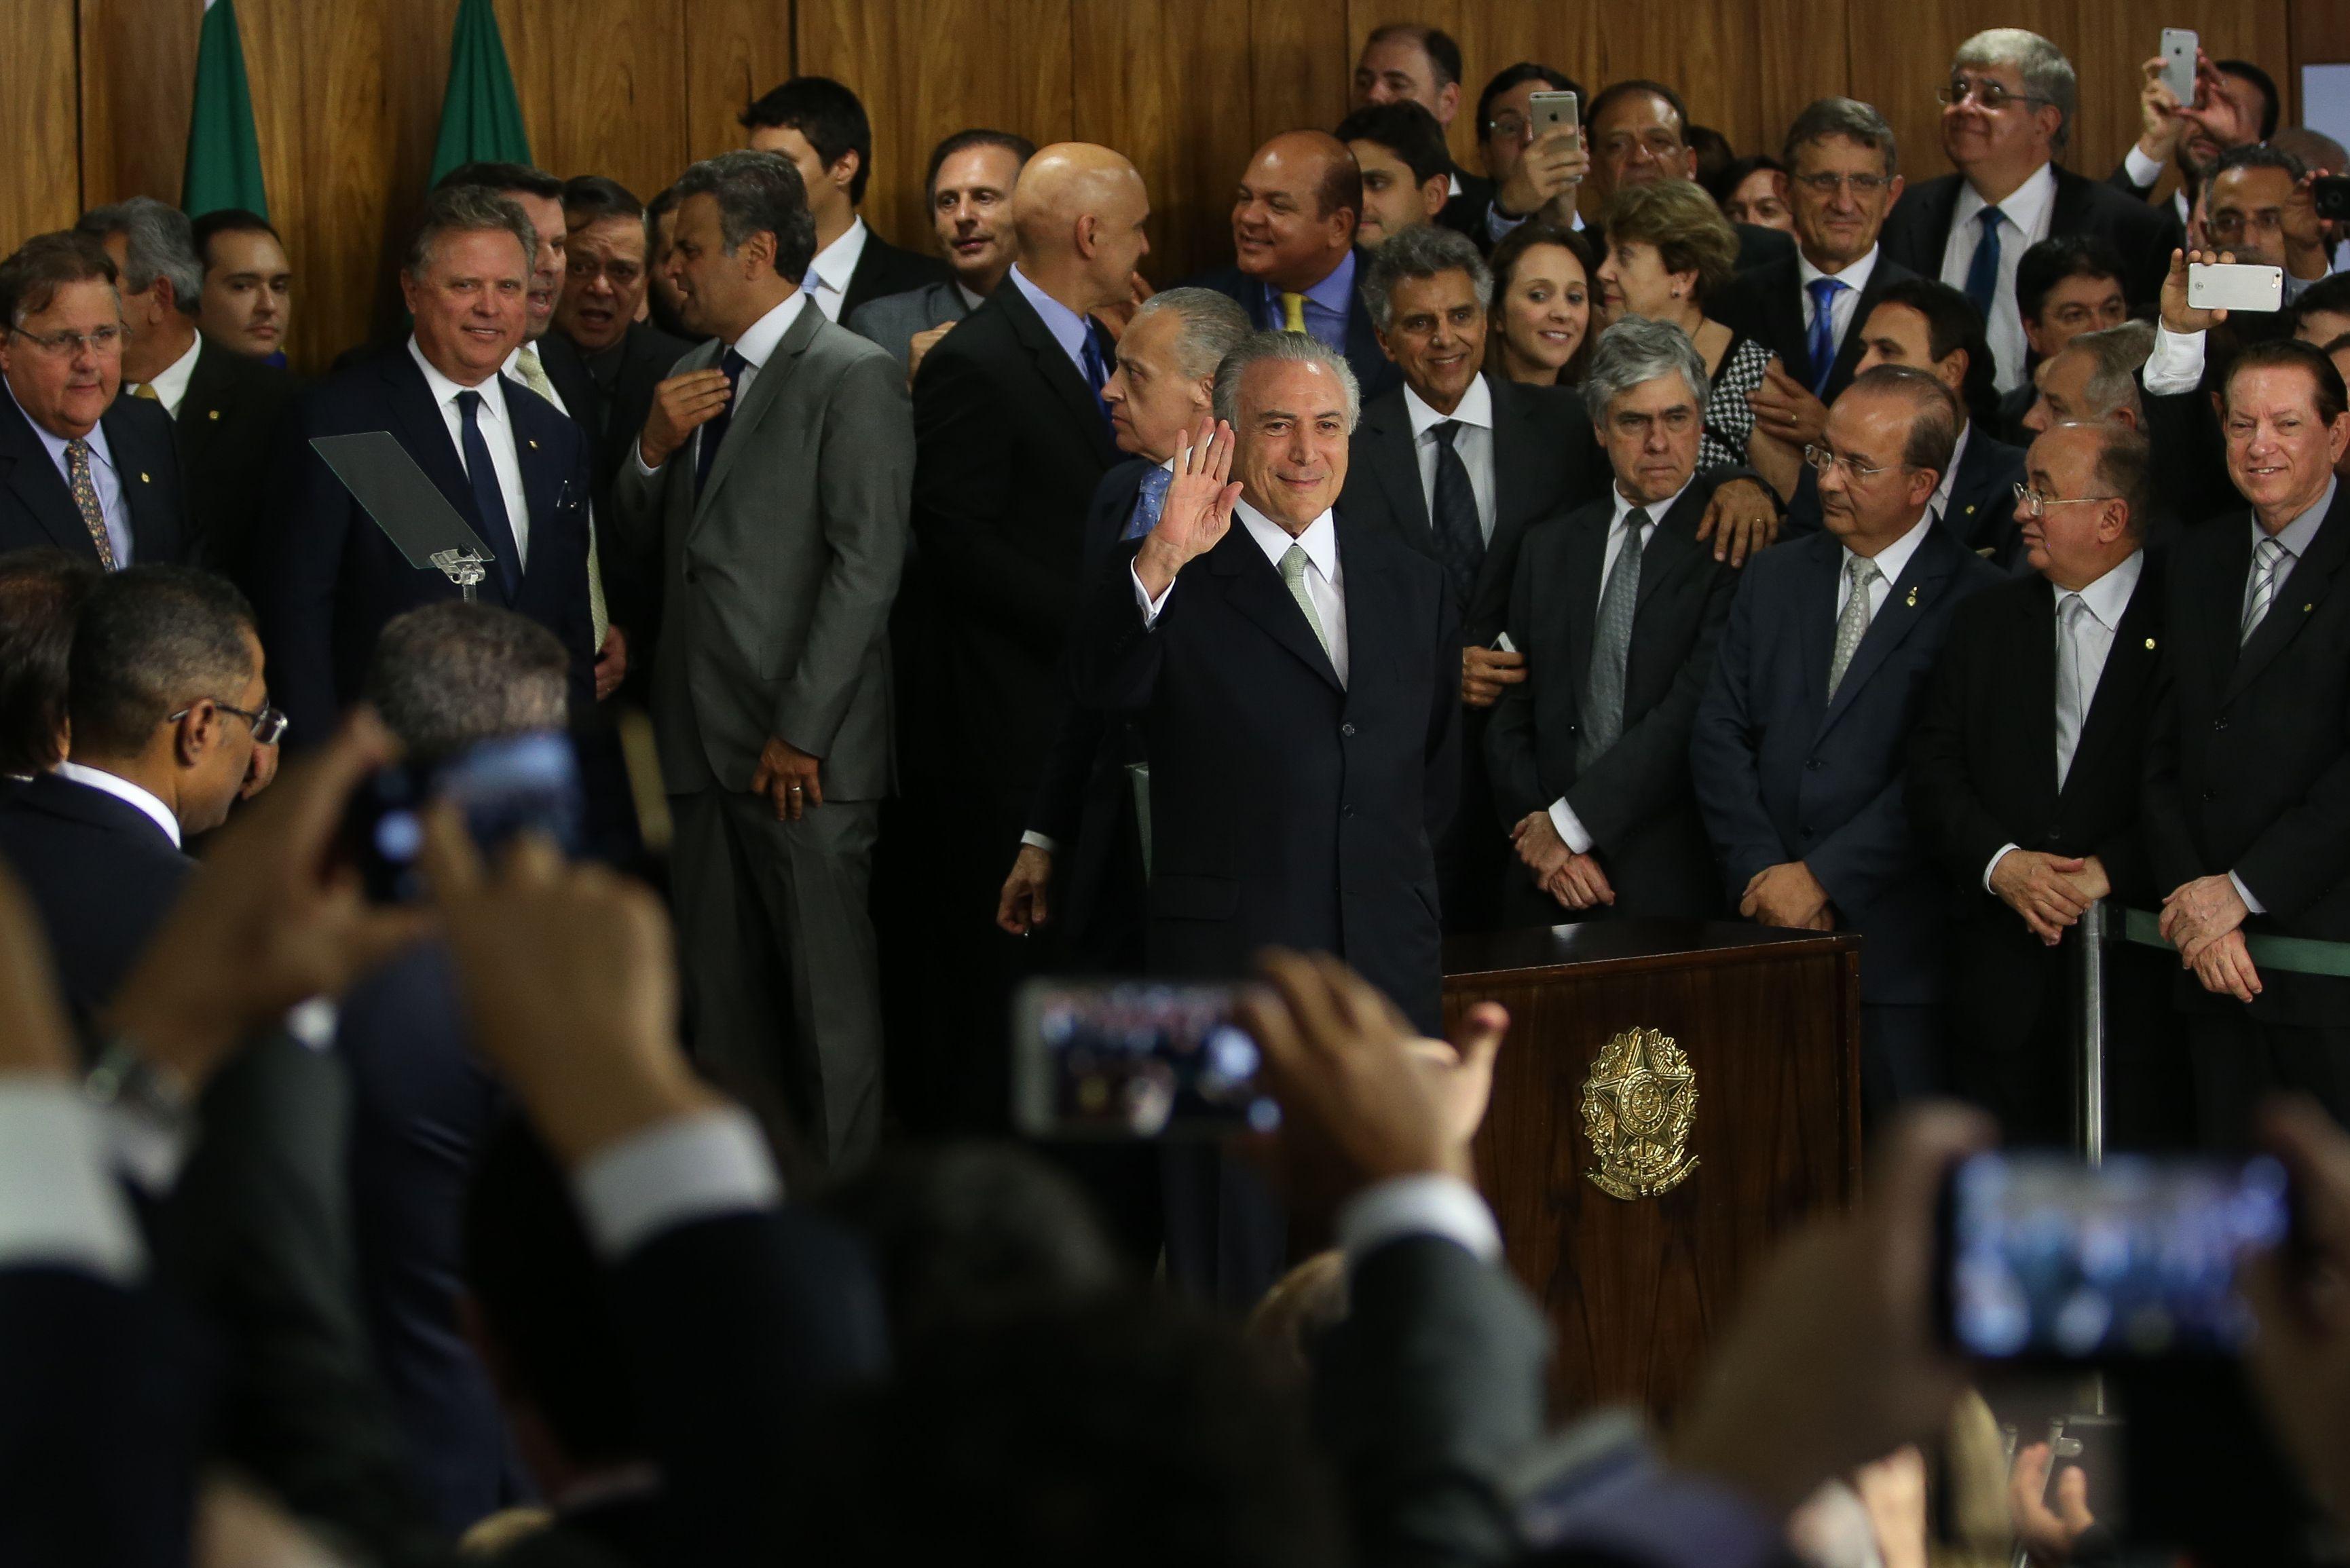 O presidente interino Michel Temer durante cerimônia de posse aos novos ministros. (Marcello Casal Jr/Agência Brasil)